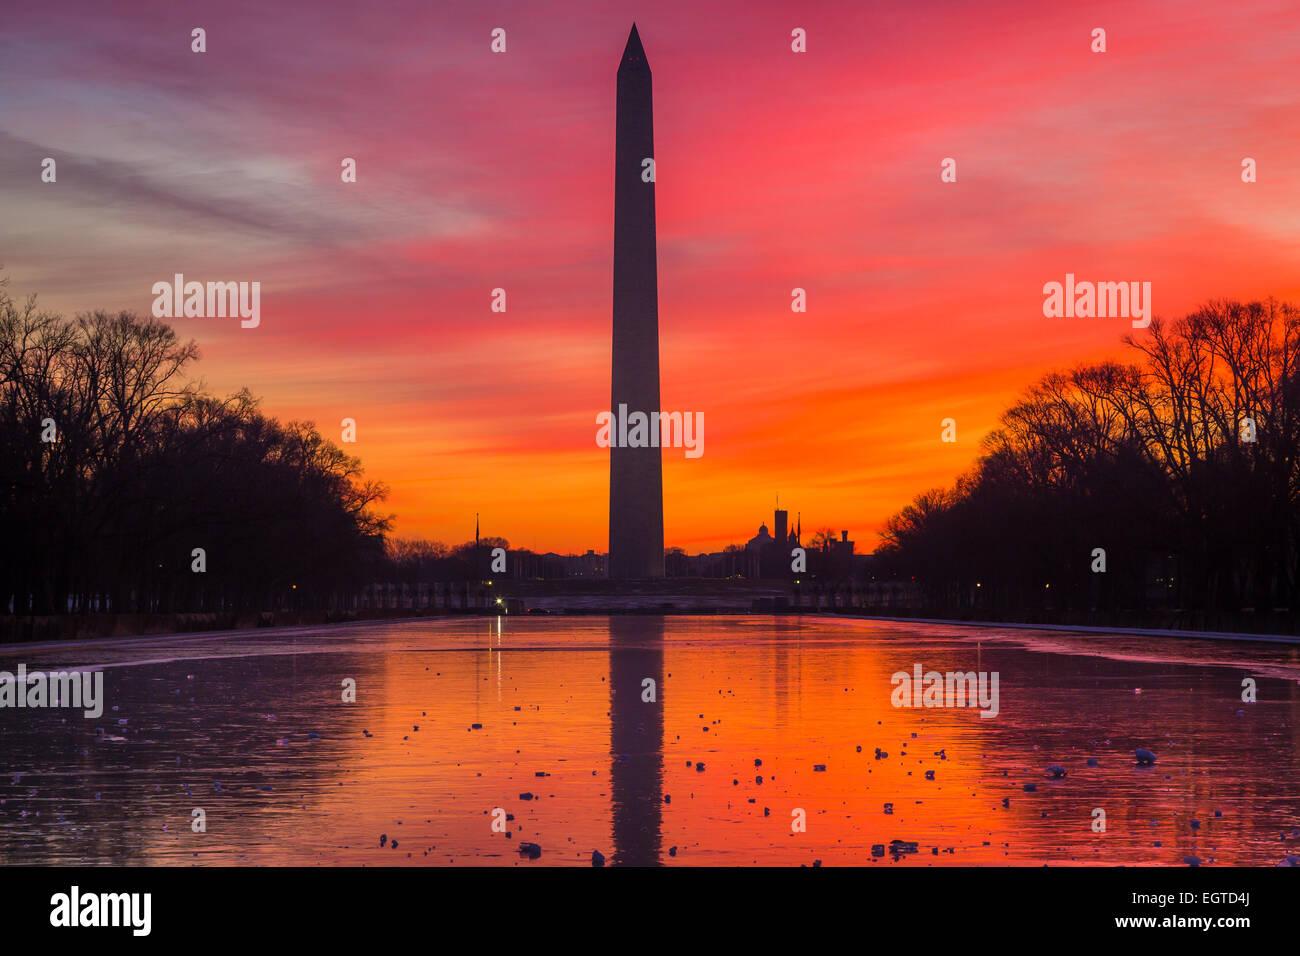 Das Washington Monument ist ein Obelisk in der Nähe von Westend von der National Mall in Washington, D.C. Stockbild